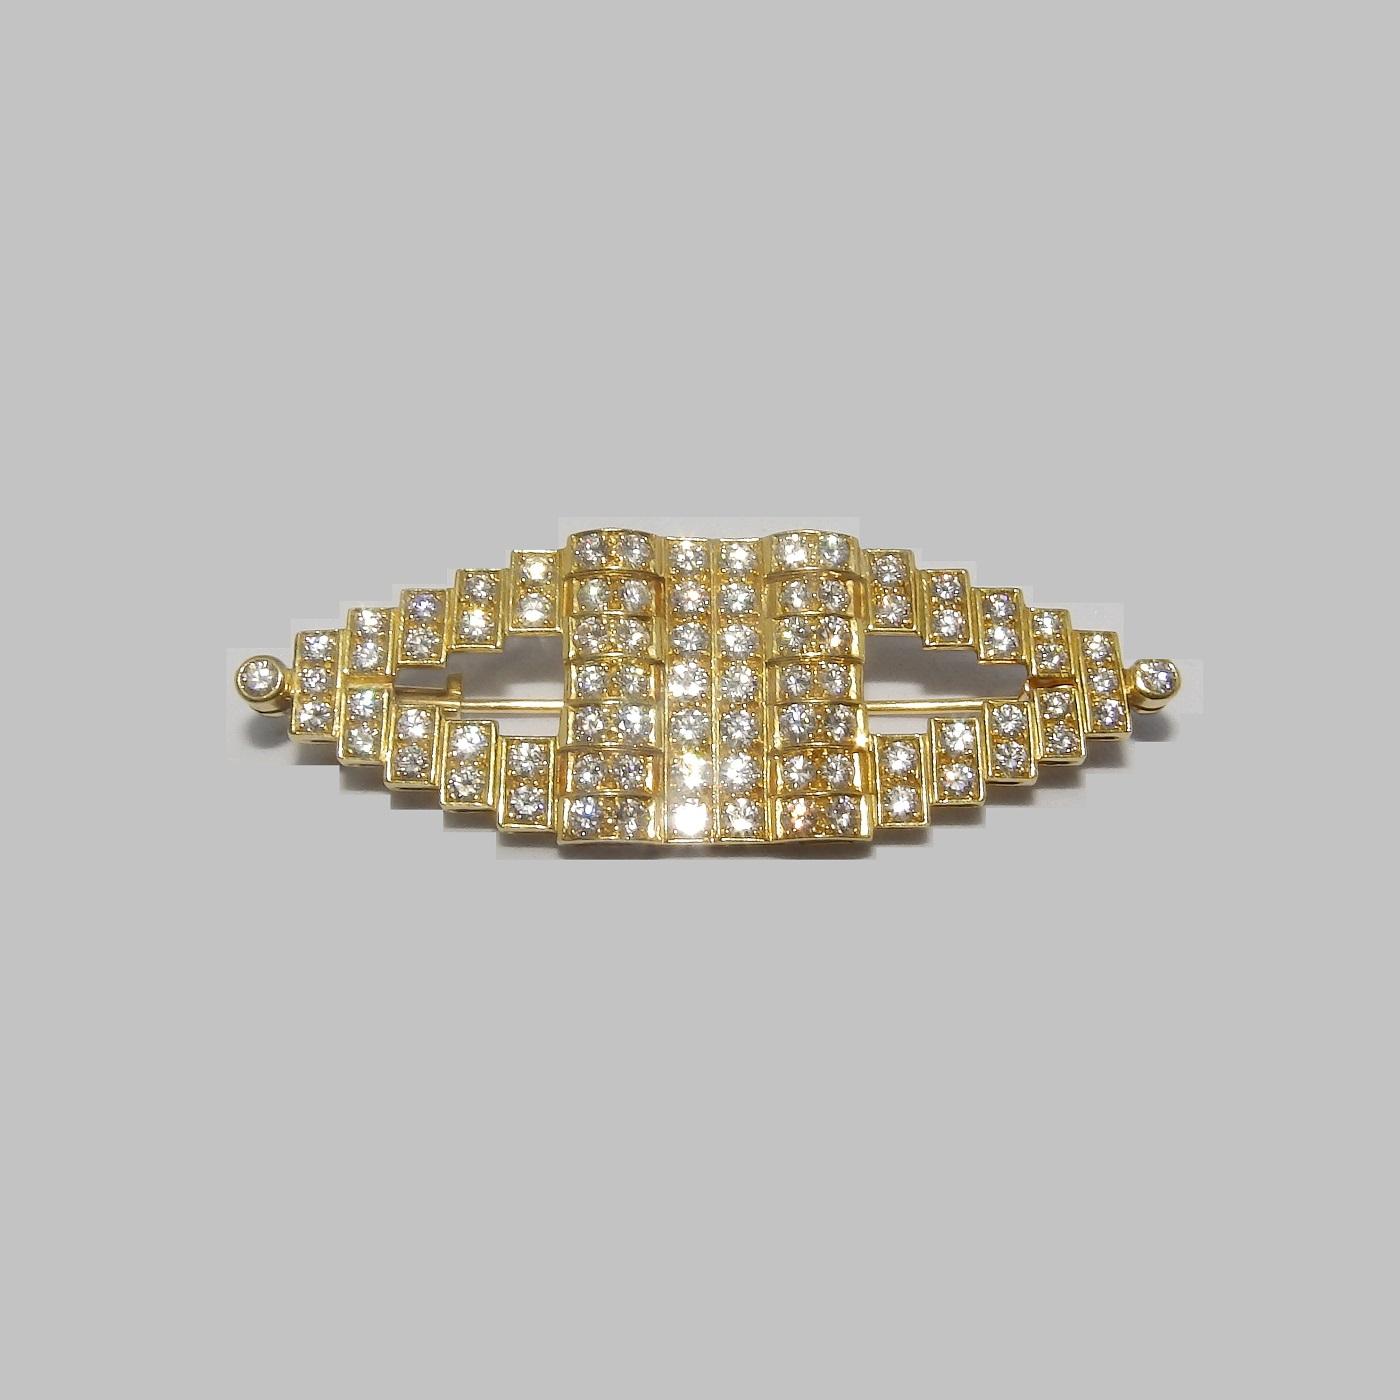 Gregory. Broche de Oro de 18k. Con 82 Diamantes Naturales, talla Brillante, de 3,81 ct. (F-G/VVS)